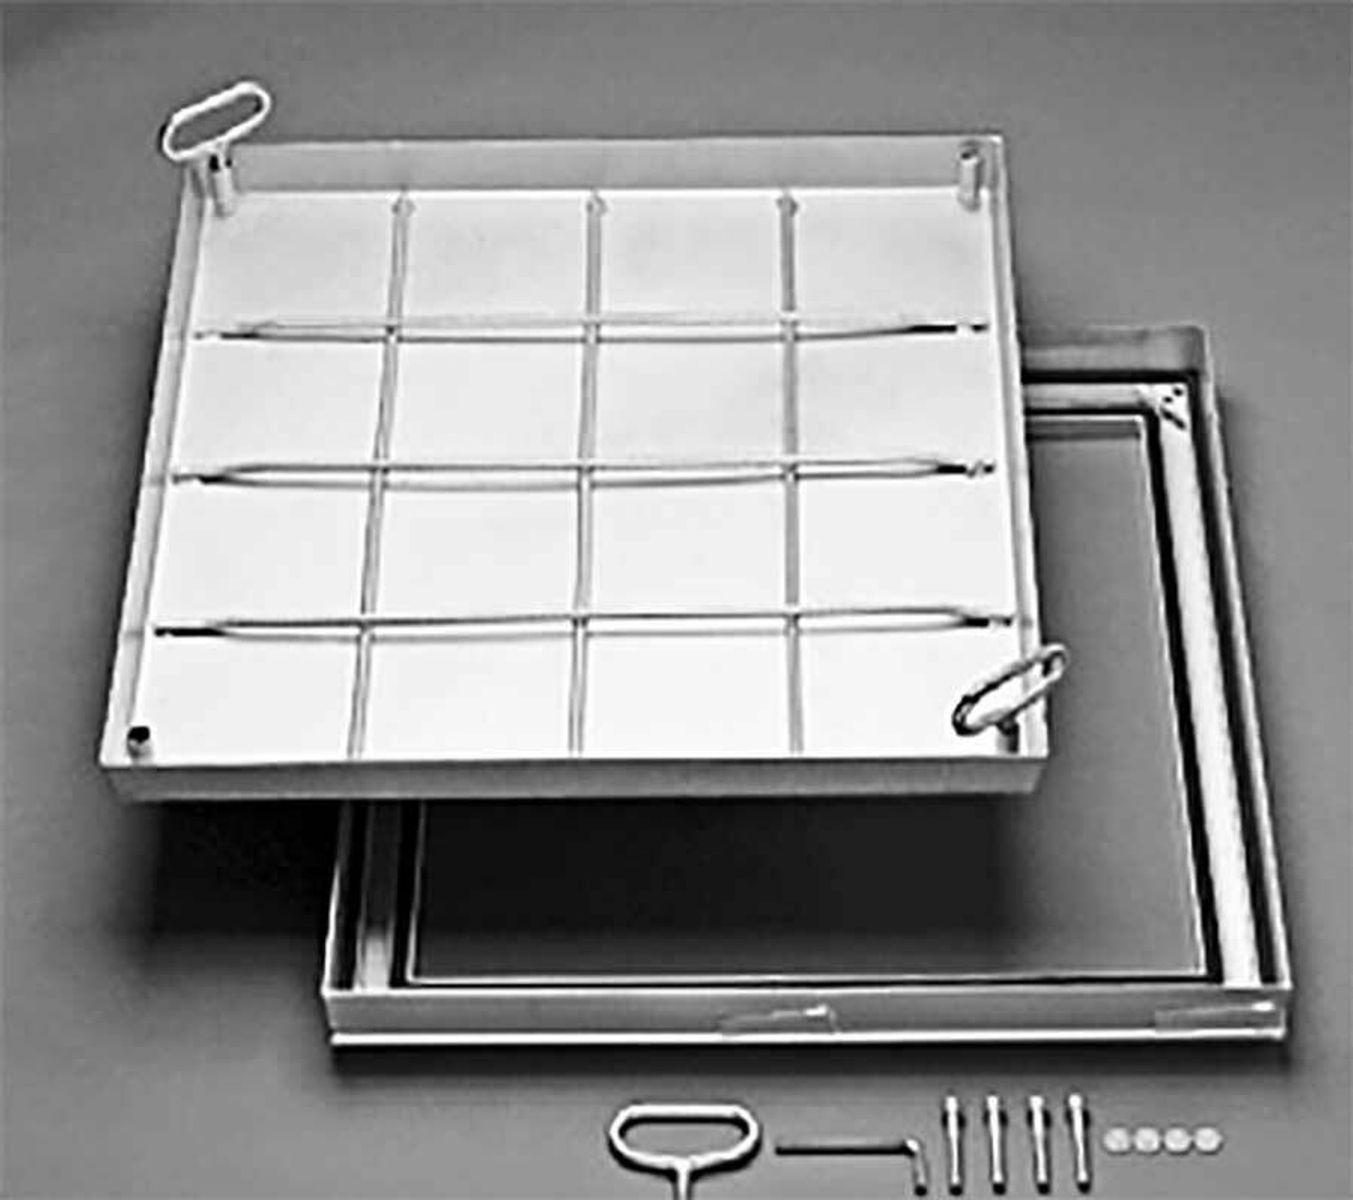 ACO Schachtabdeckung 0,4x0,6m lichte Fläche (Außen 542x742mm) Kanaldeckel  Schachtdeckel |